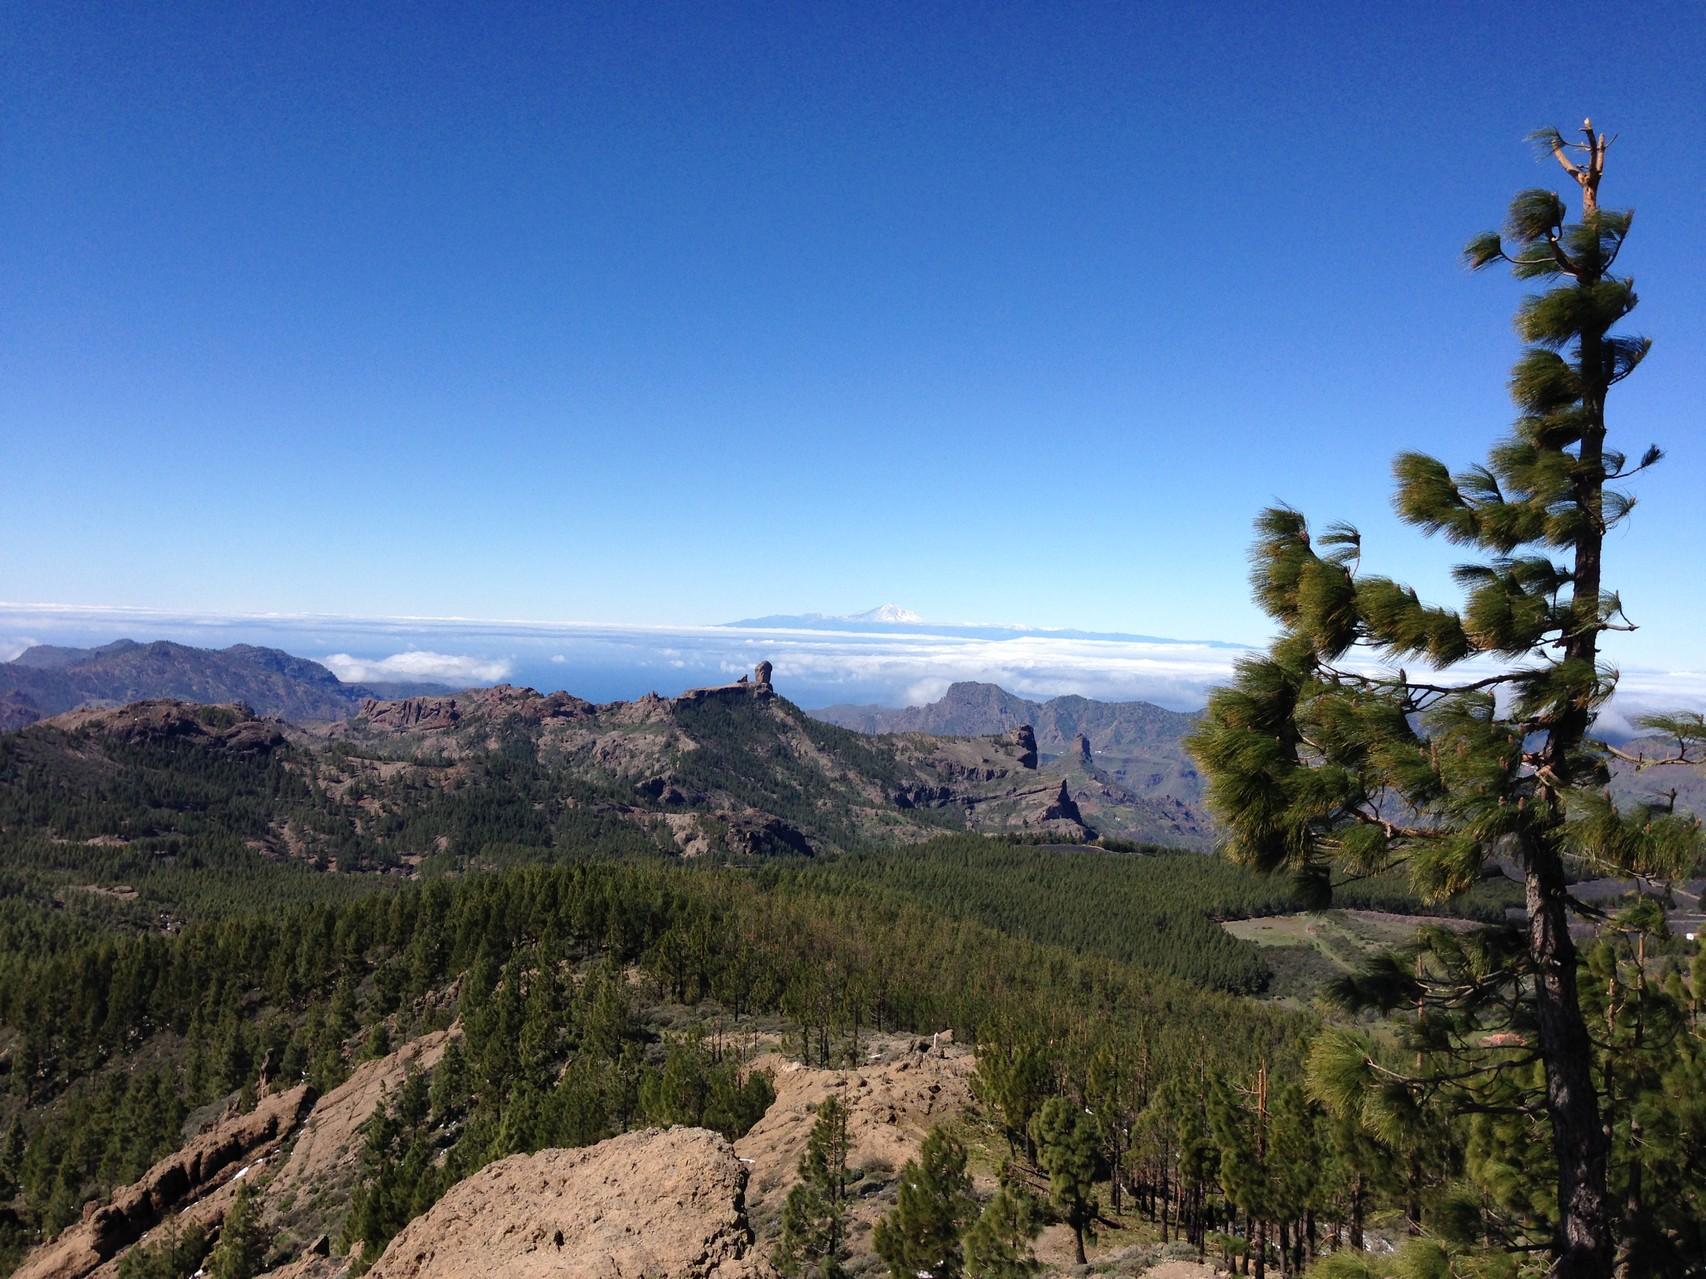 Die Aussicht vom Gipfel